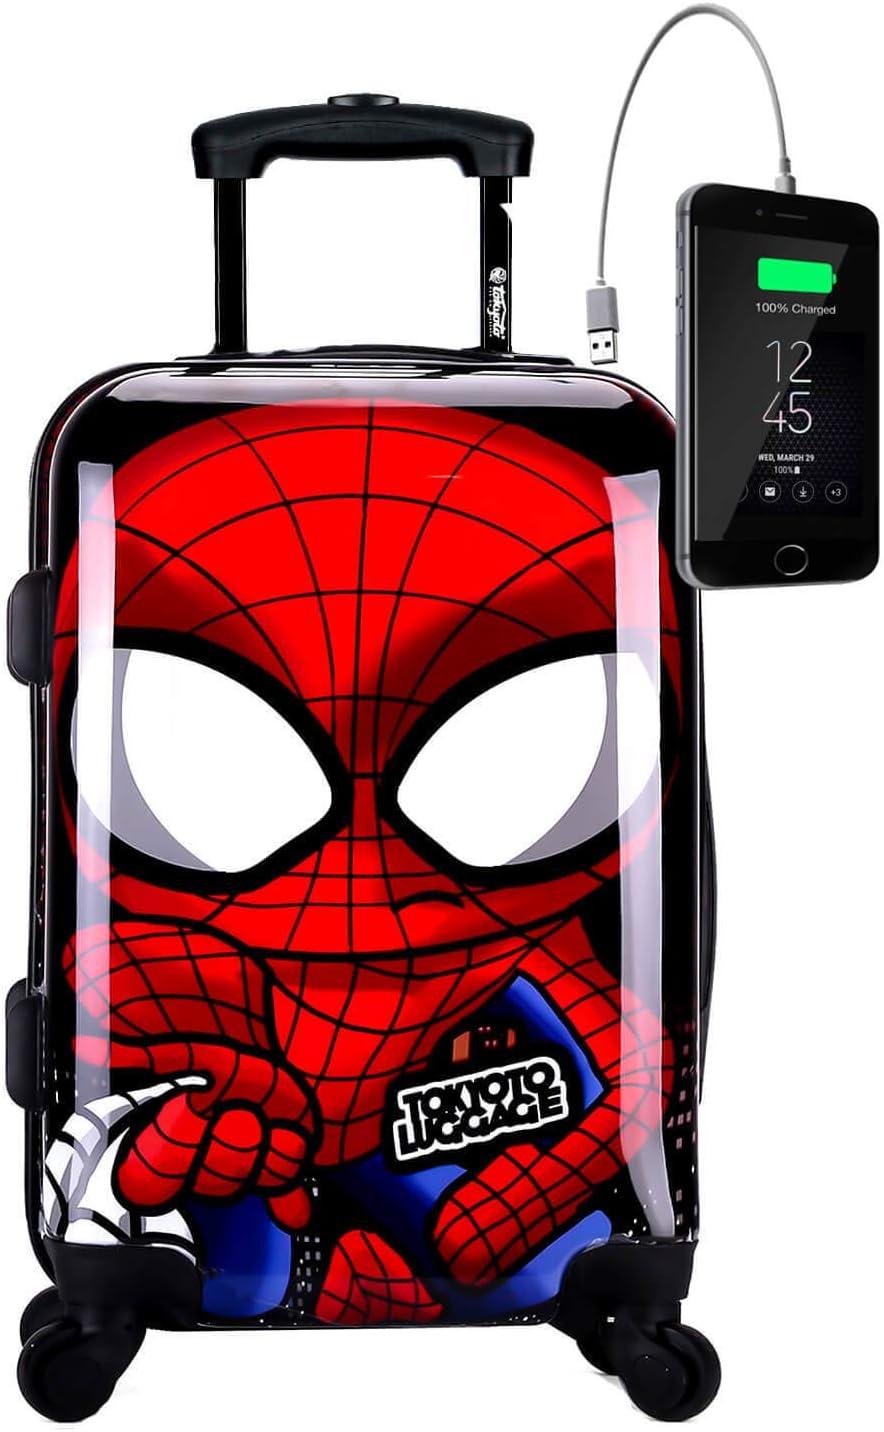 TOKYOTO - Maleta de Cabina Equipaje de Mano Spider Boy con Cargador USB, 8000mAh, 55x40x20 cm   Maleta Juvenil, Trolley de Viaje Ryanair, Easyjet   Maleta de Viaje Rígida